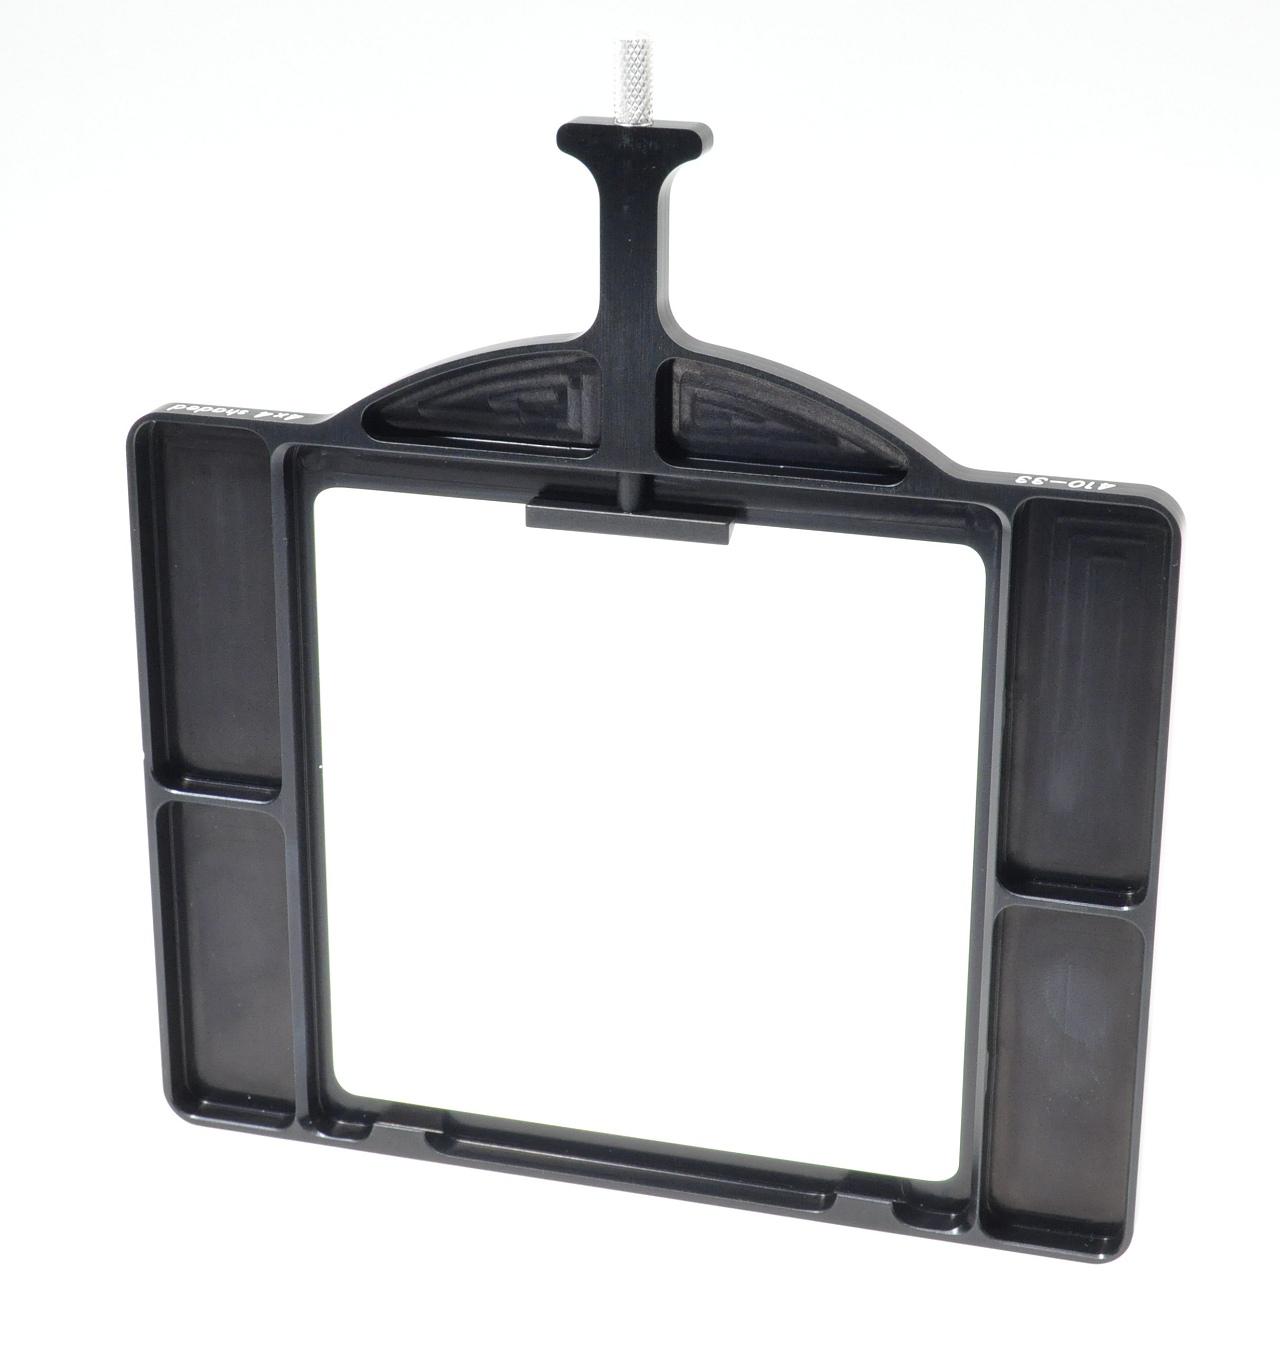 Filterhalter 4x4 beidseitig schattiert (150mm breit)